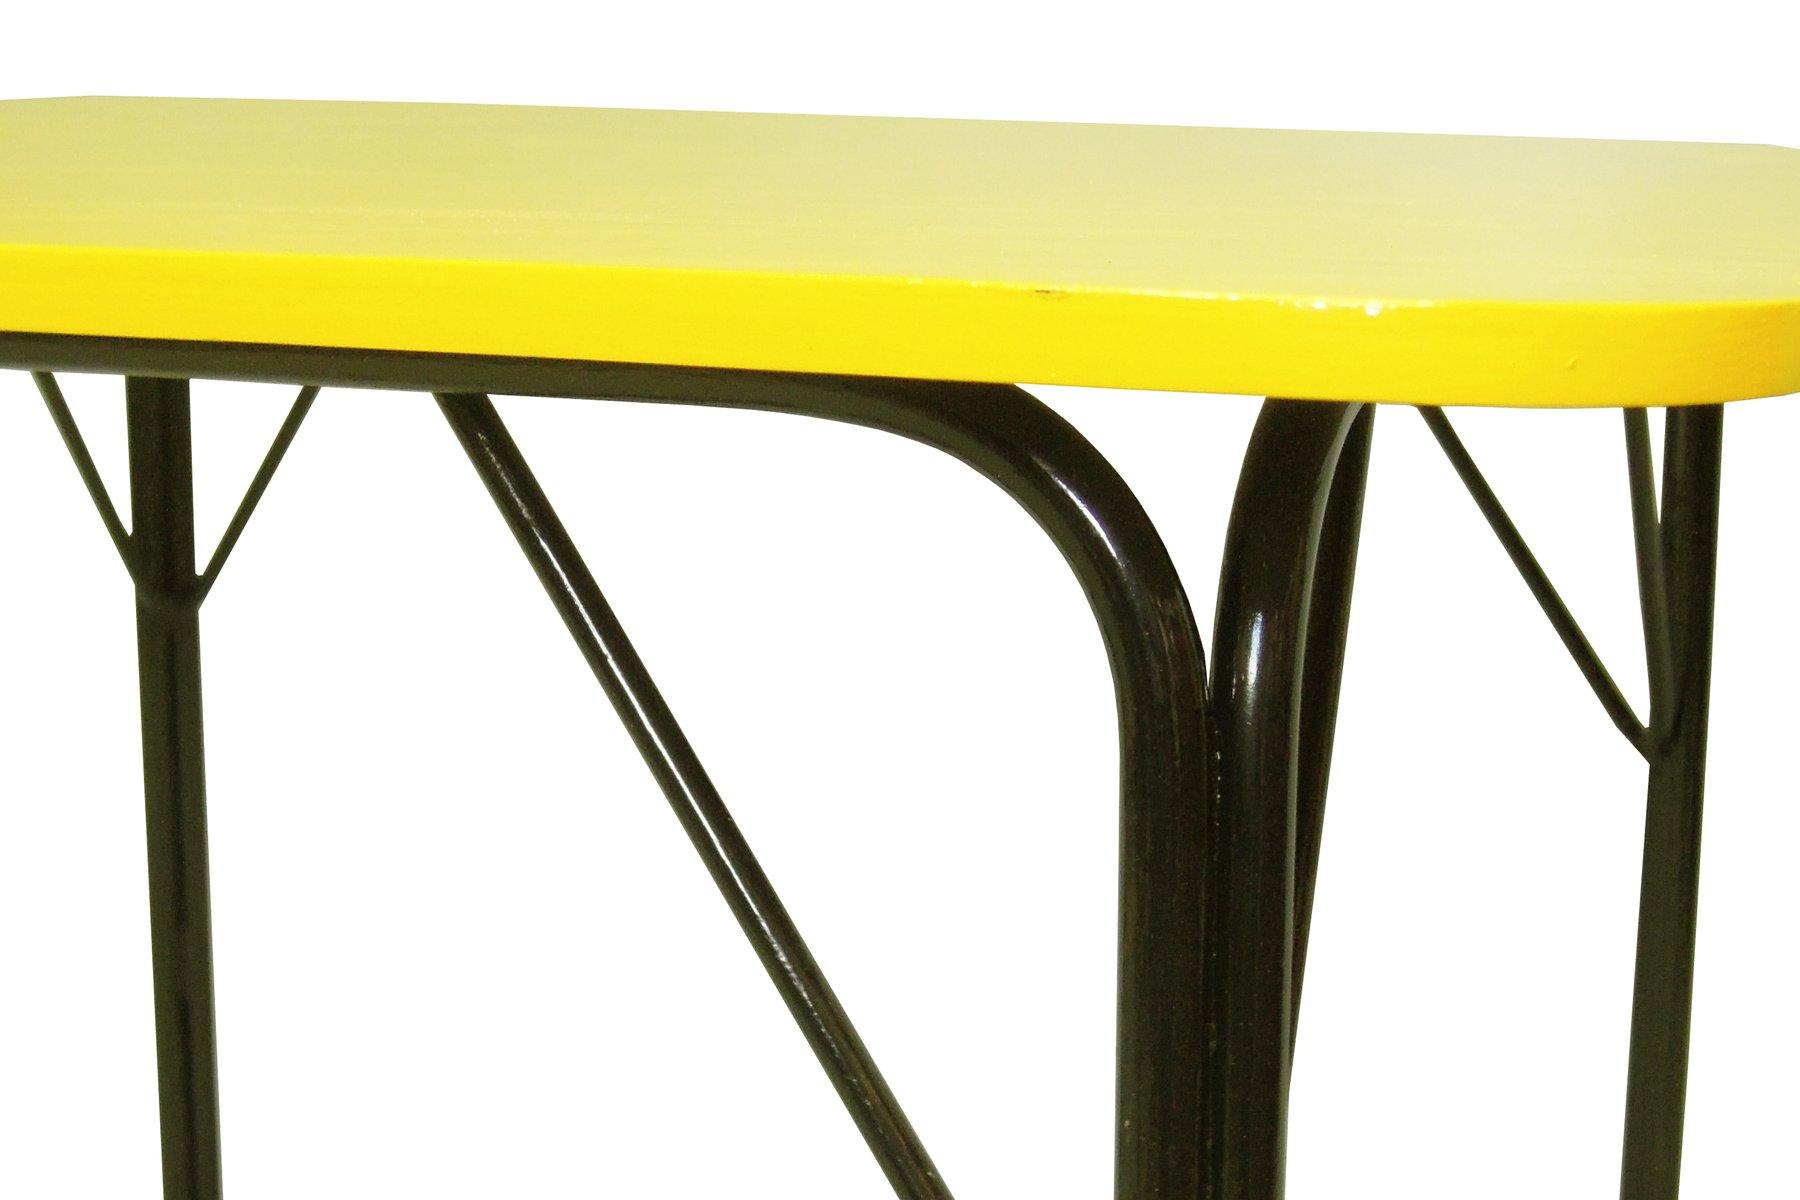 Tavolo Formica Giallo : Tavolo da pranzo vintage giallo in vendita su pamono